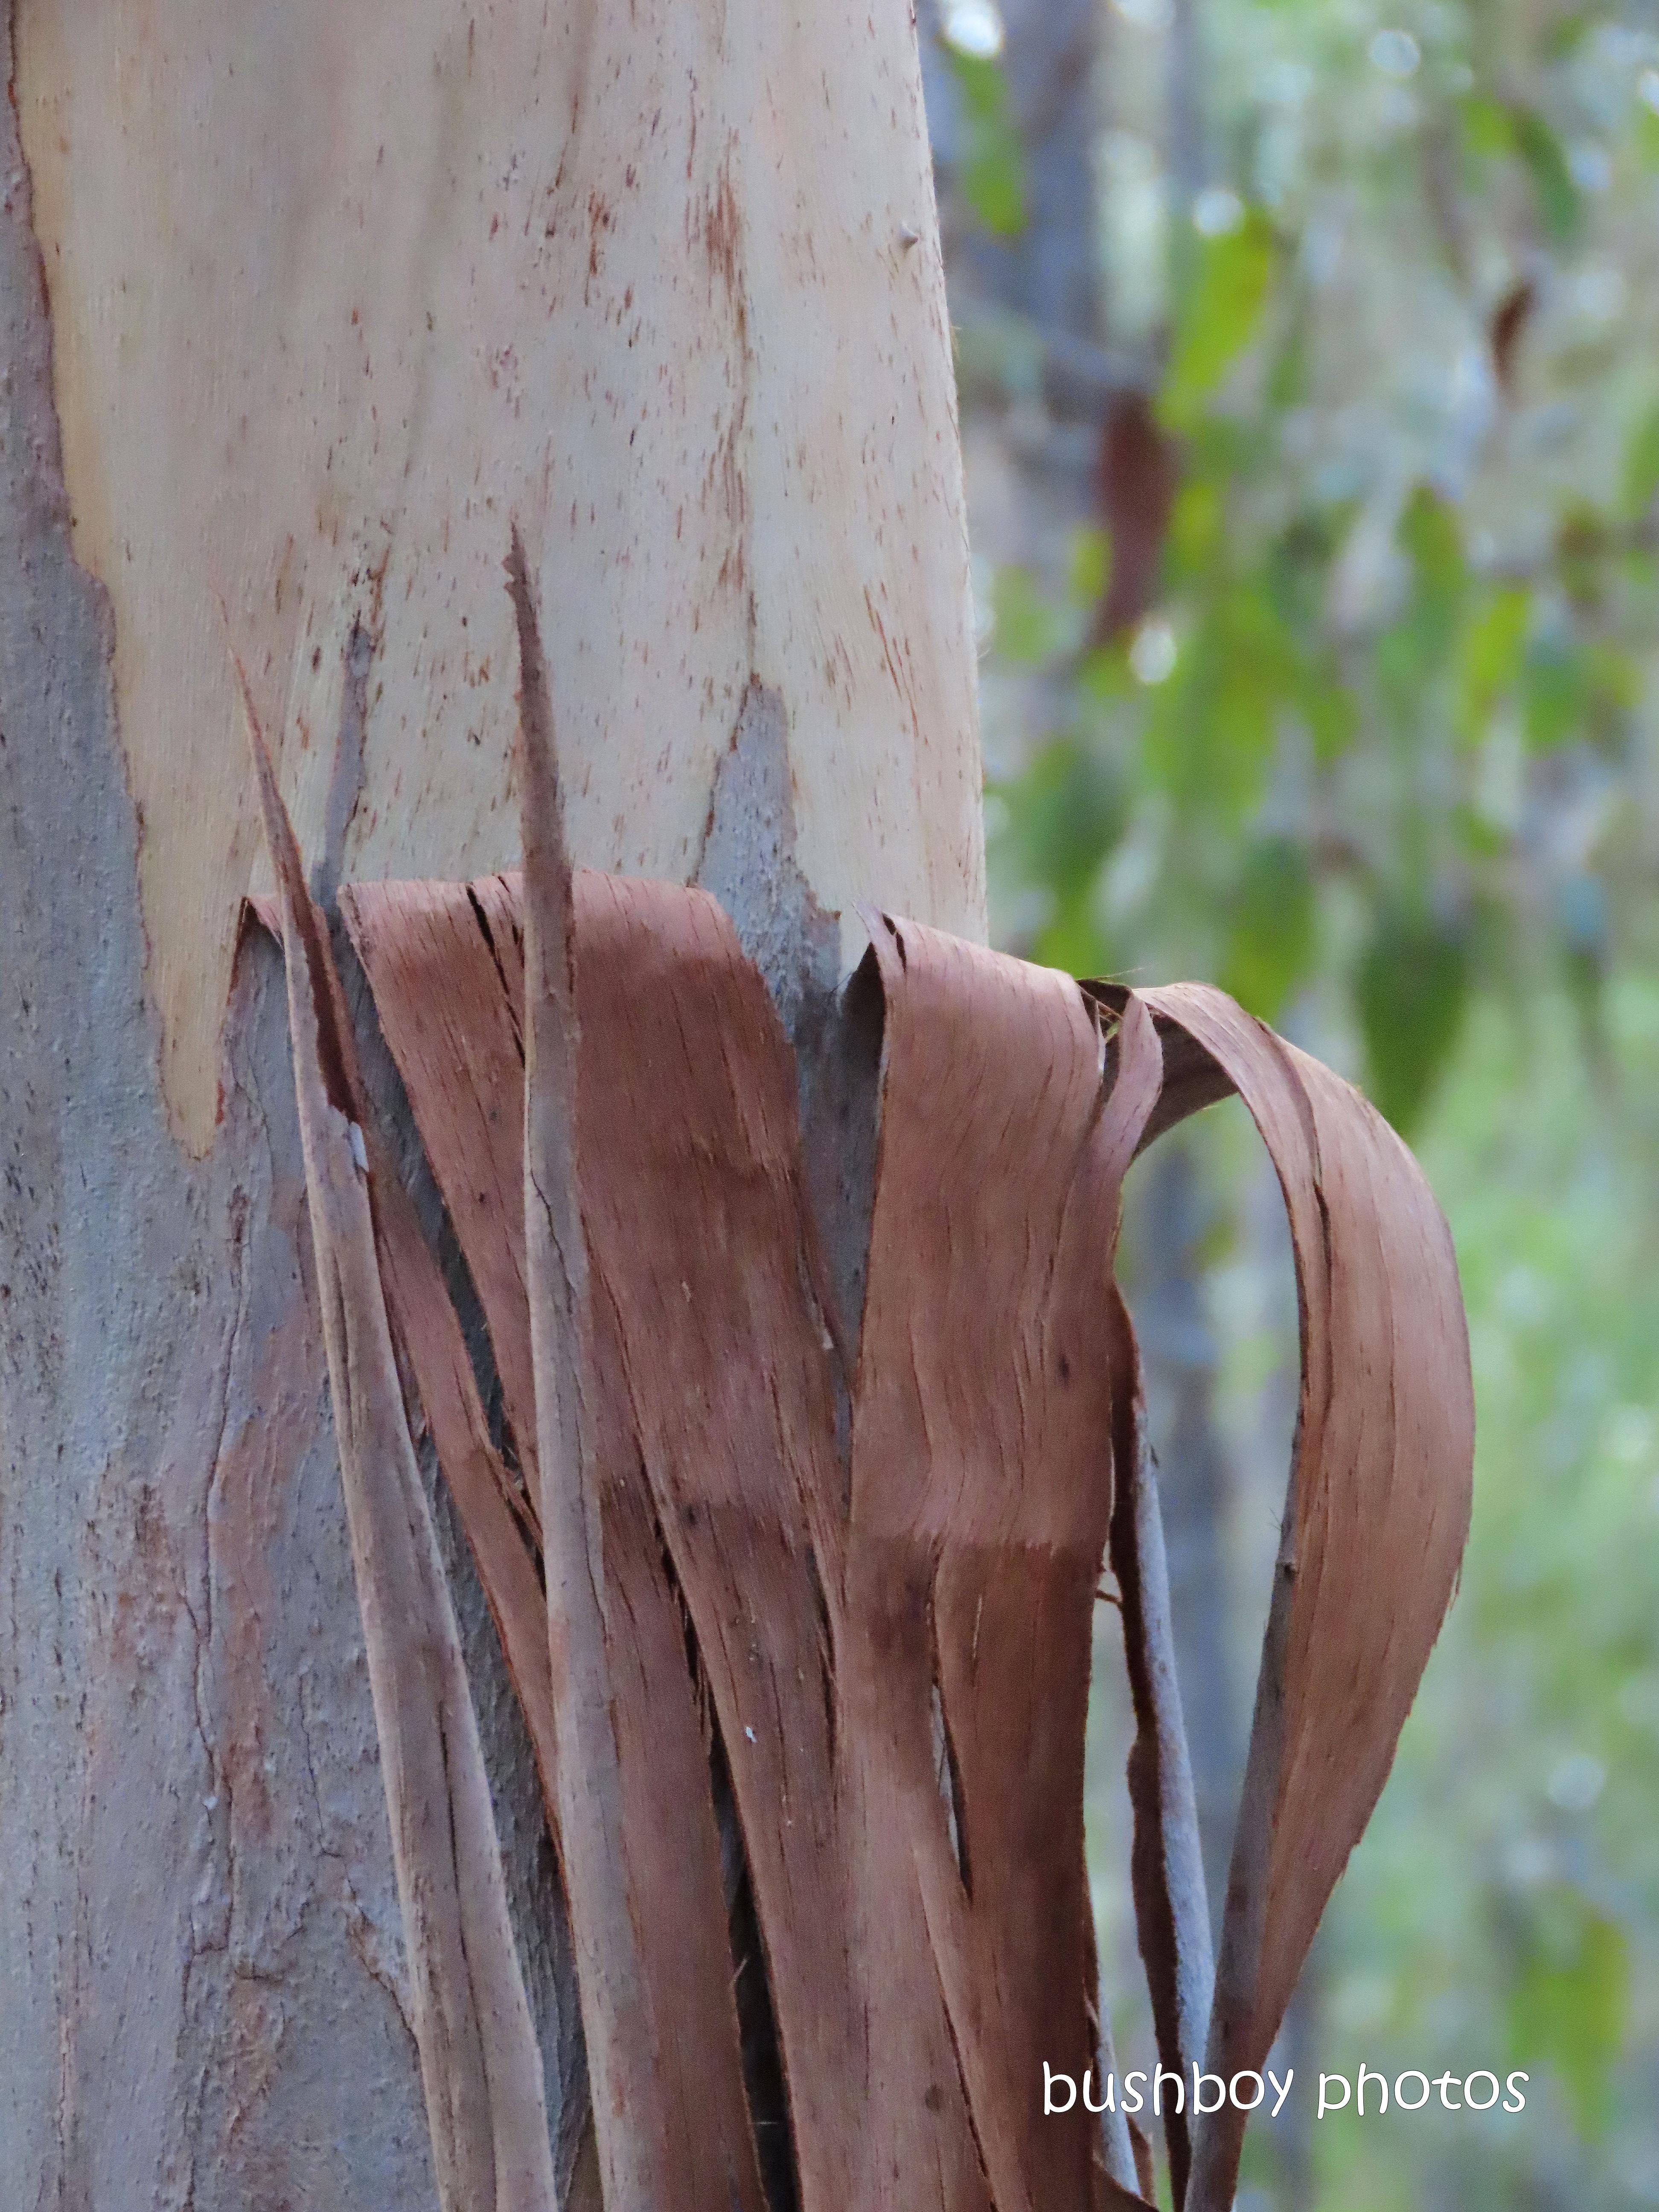 190612_wordless_wednesday_forest_red_gum_bark_peeling